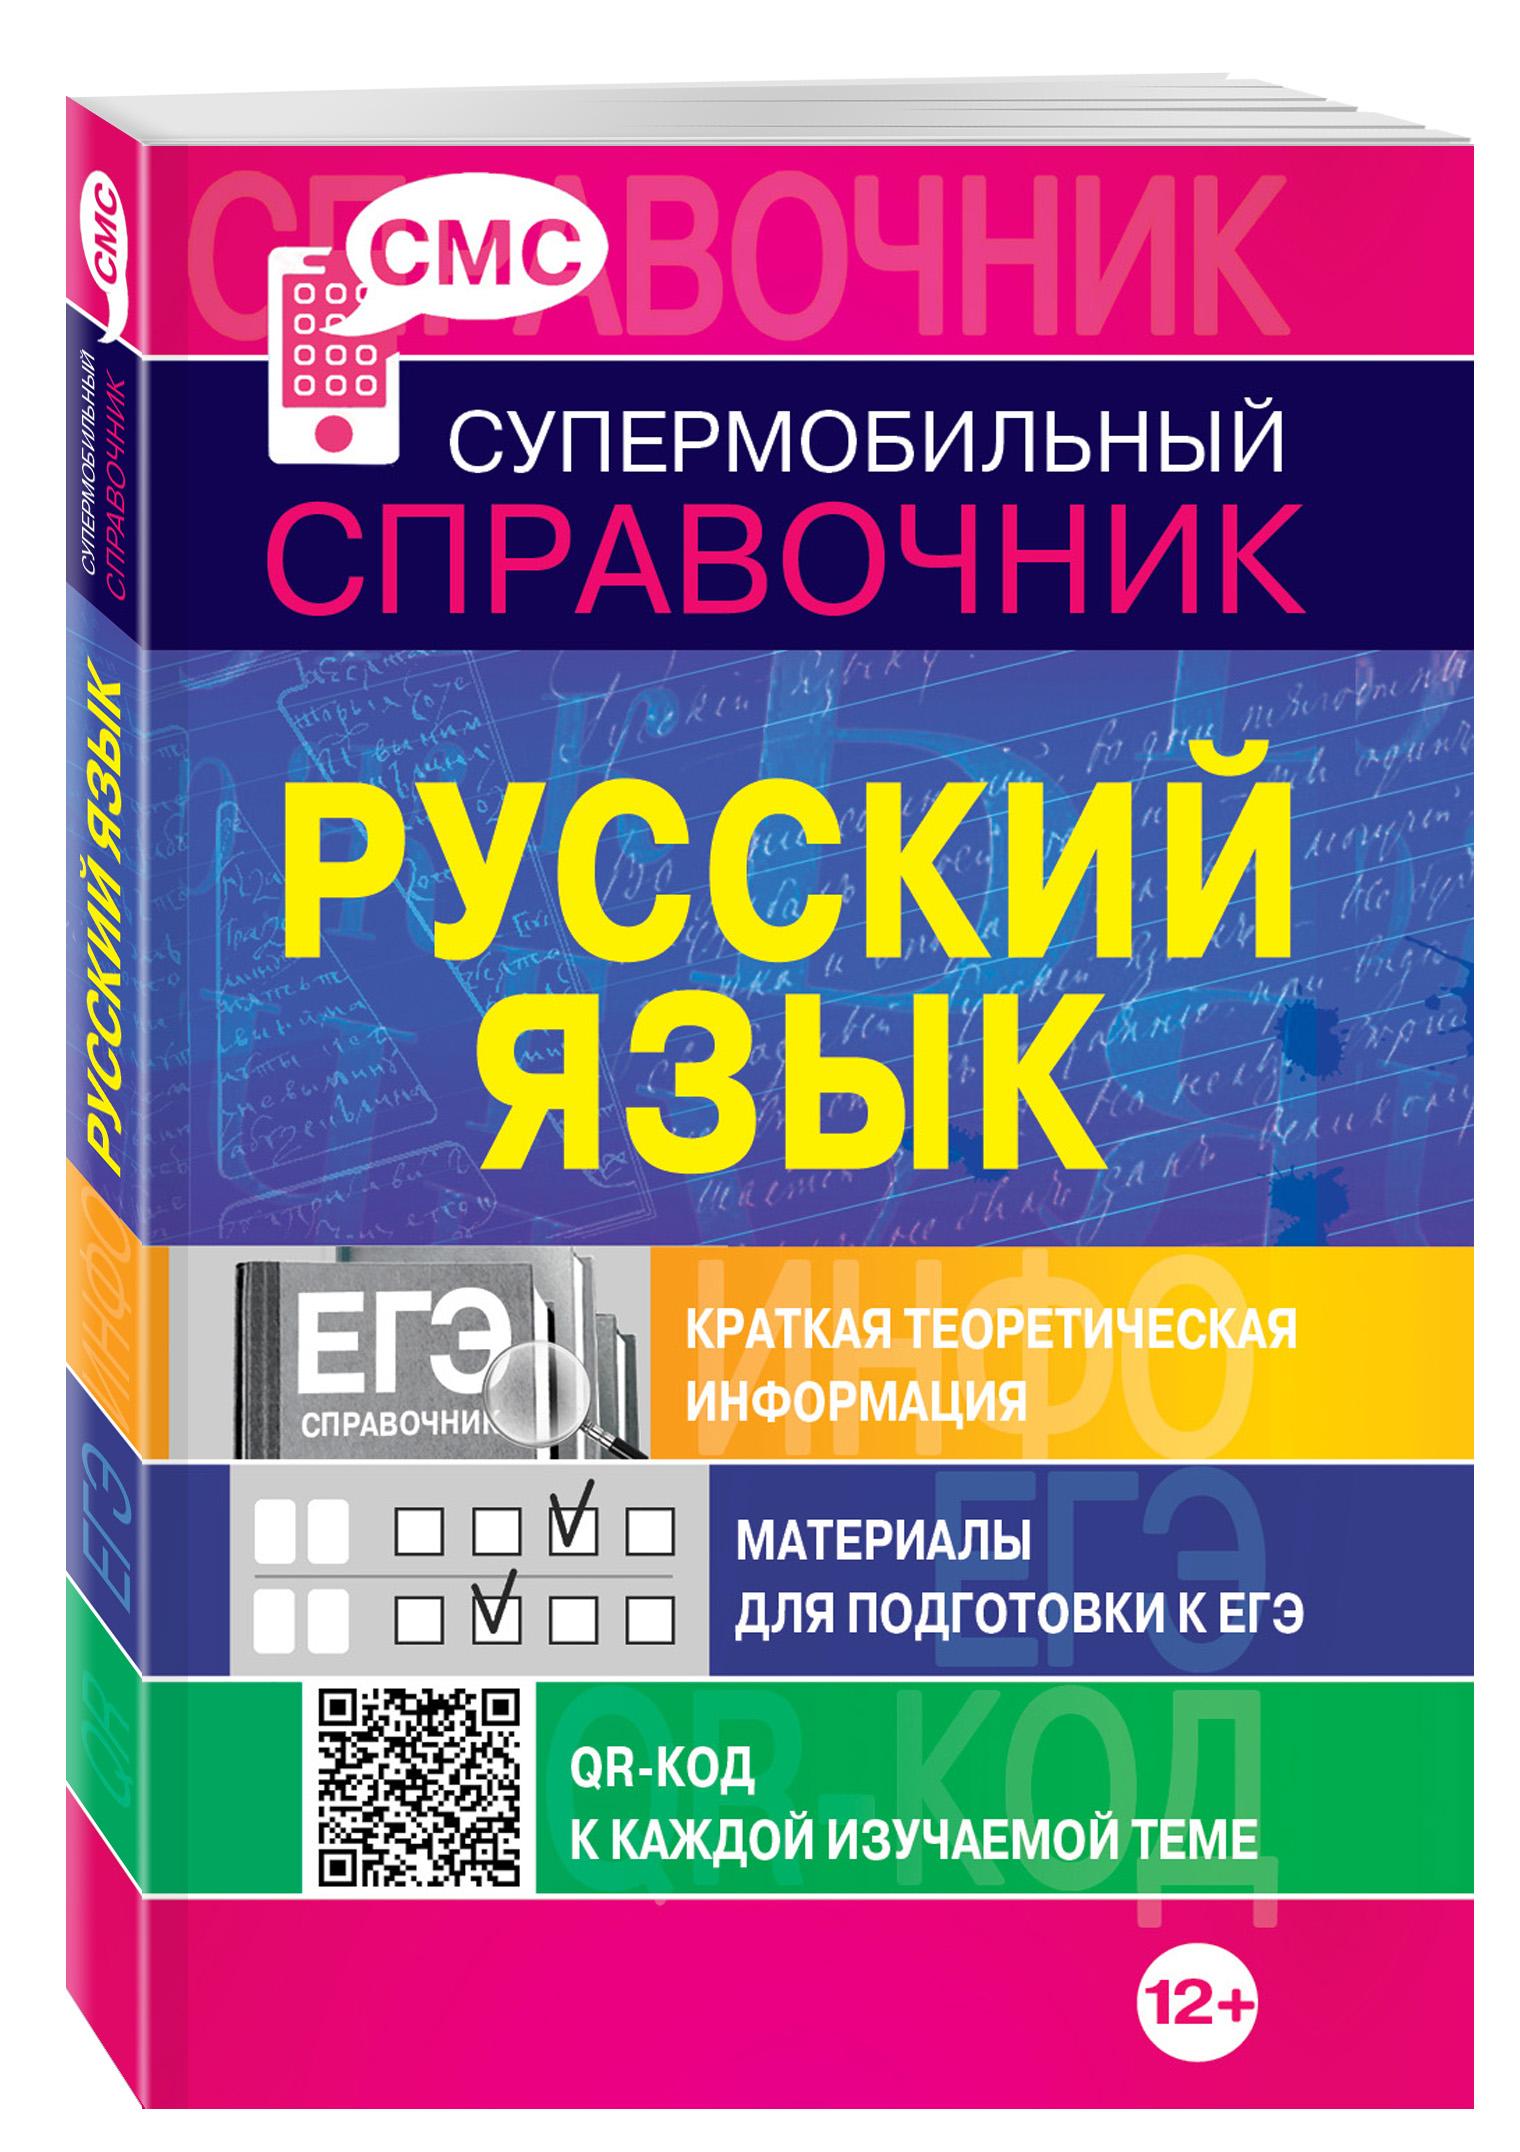 Русский язык (СМС)